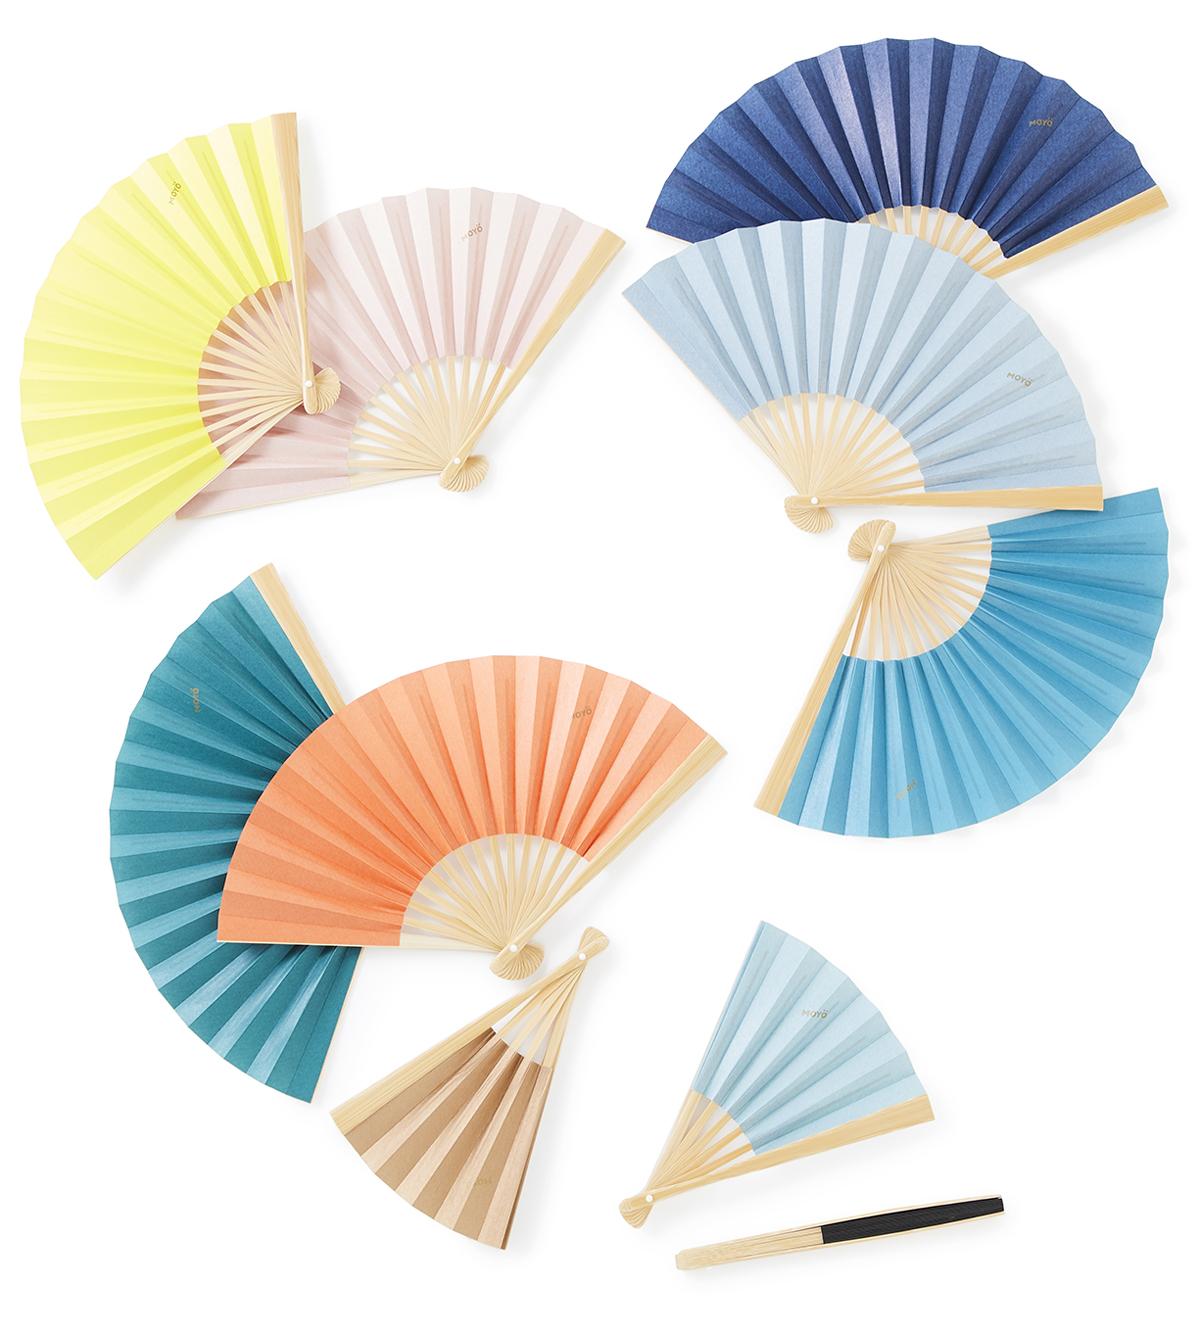 大人に相応しい、伝統製法で手仕事で作られたコンパクトな「京扇子」|MOYÖ 扇子